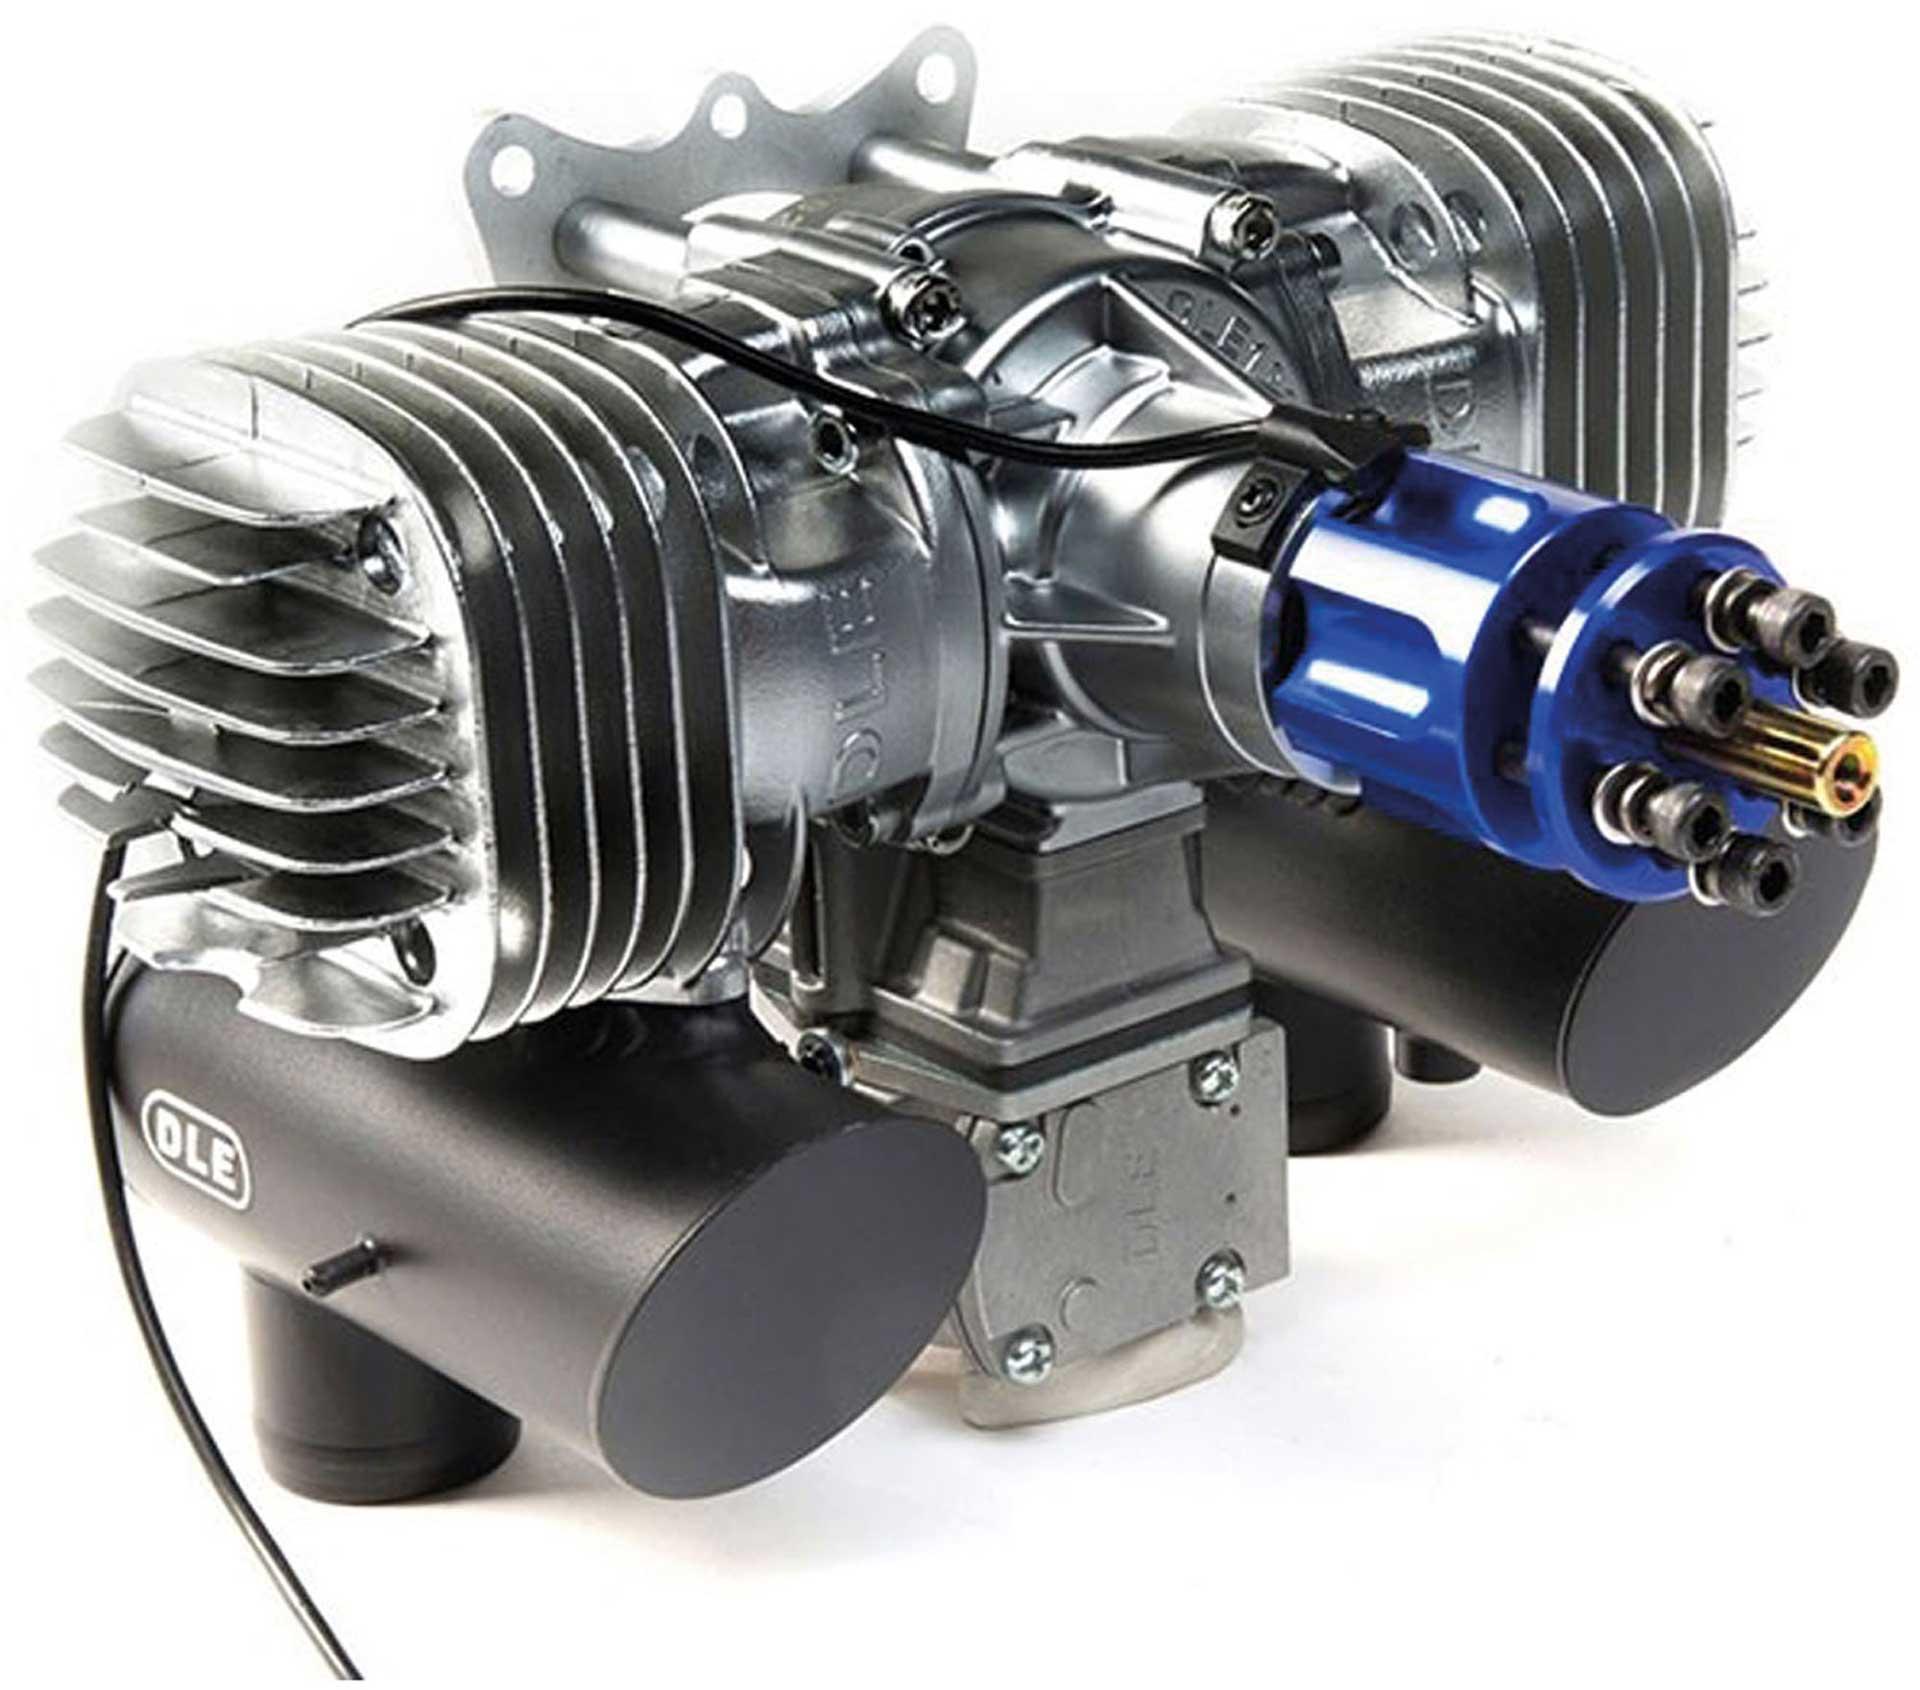 DLE Engines DLE 130 2-ZYLINDER BENZIN MOTOR